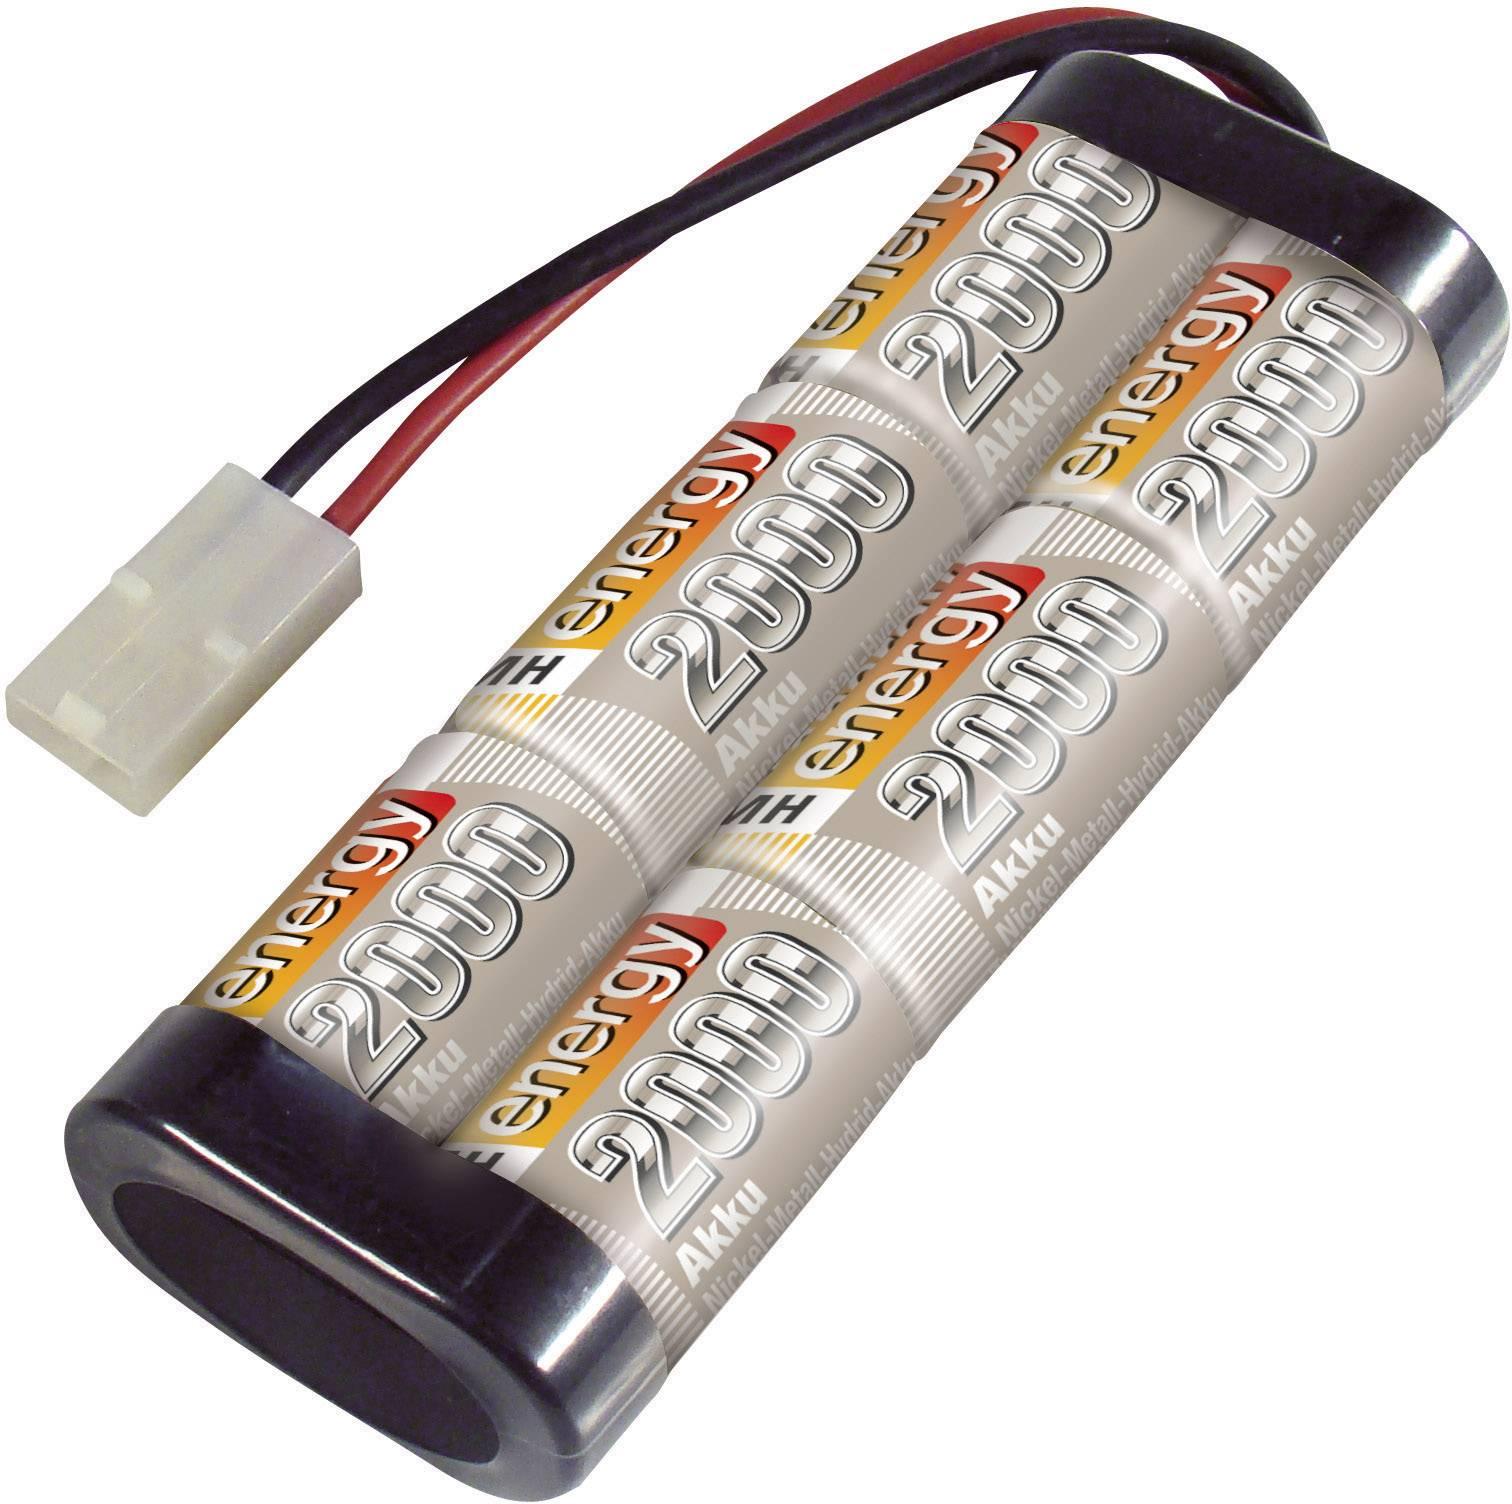 Akupack NiMH (modelářství) Conrad energy 206025, 7.2 V, 2000 mAh